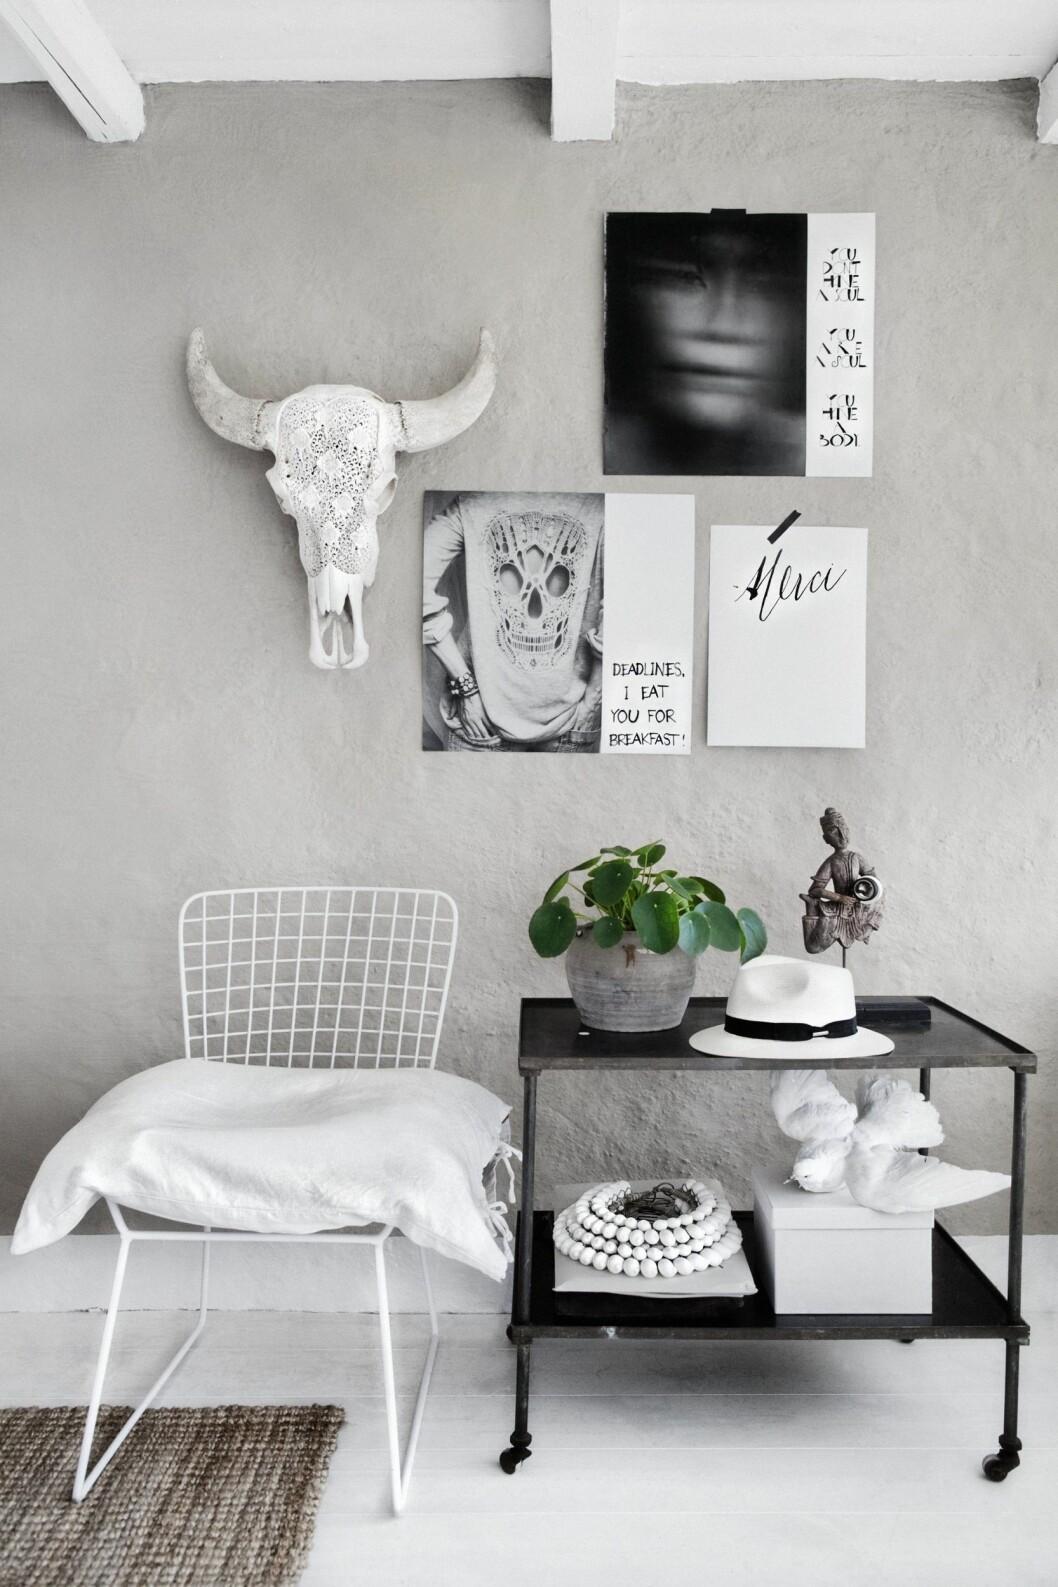 <strong>RESULTATET:</strong> Slik ser det ut når bildene er satt sammen til et moodboard på veggen. Foto: Hannah Lemholt